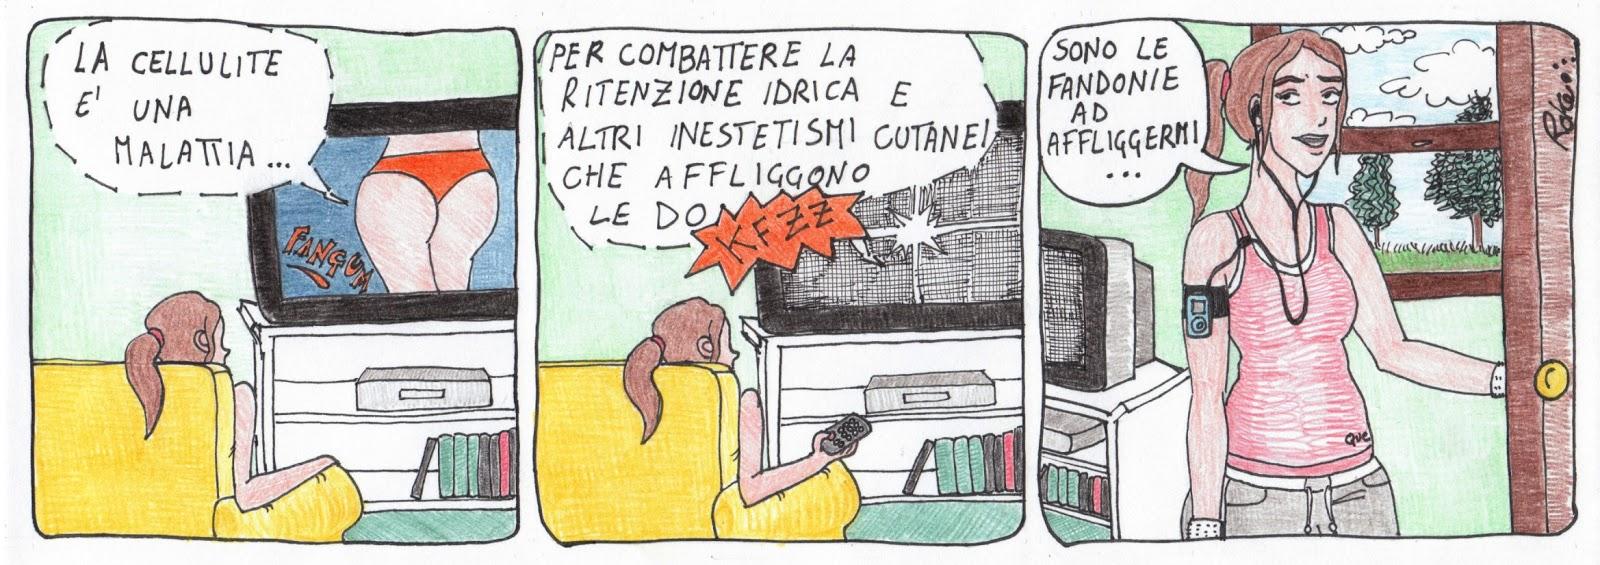 ritenzione idrica cellulite fandonie vignetta